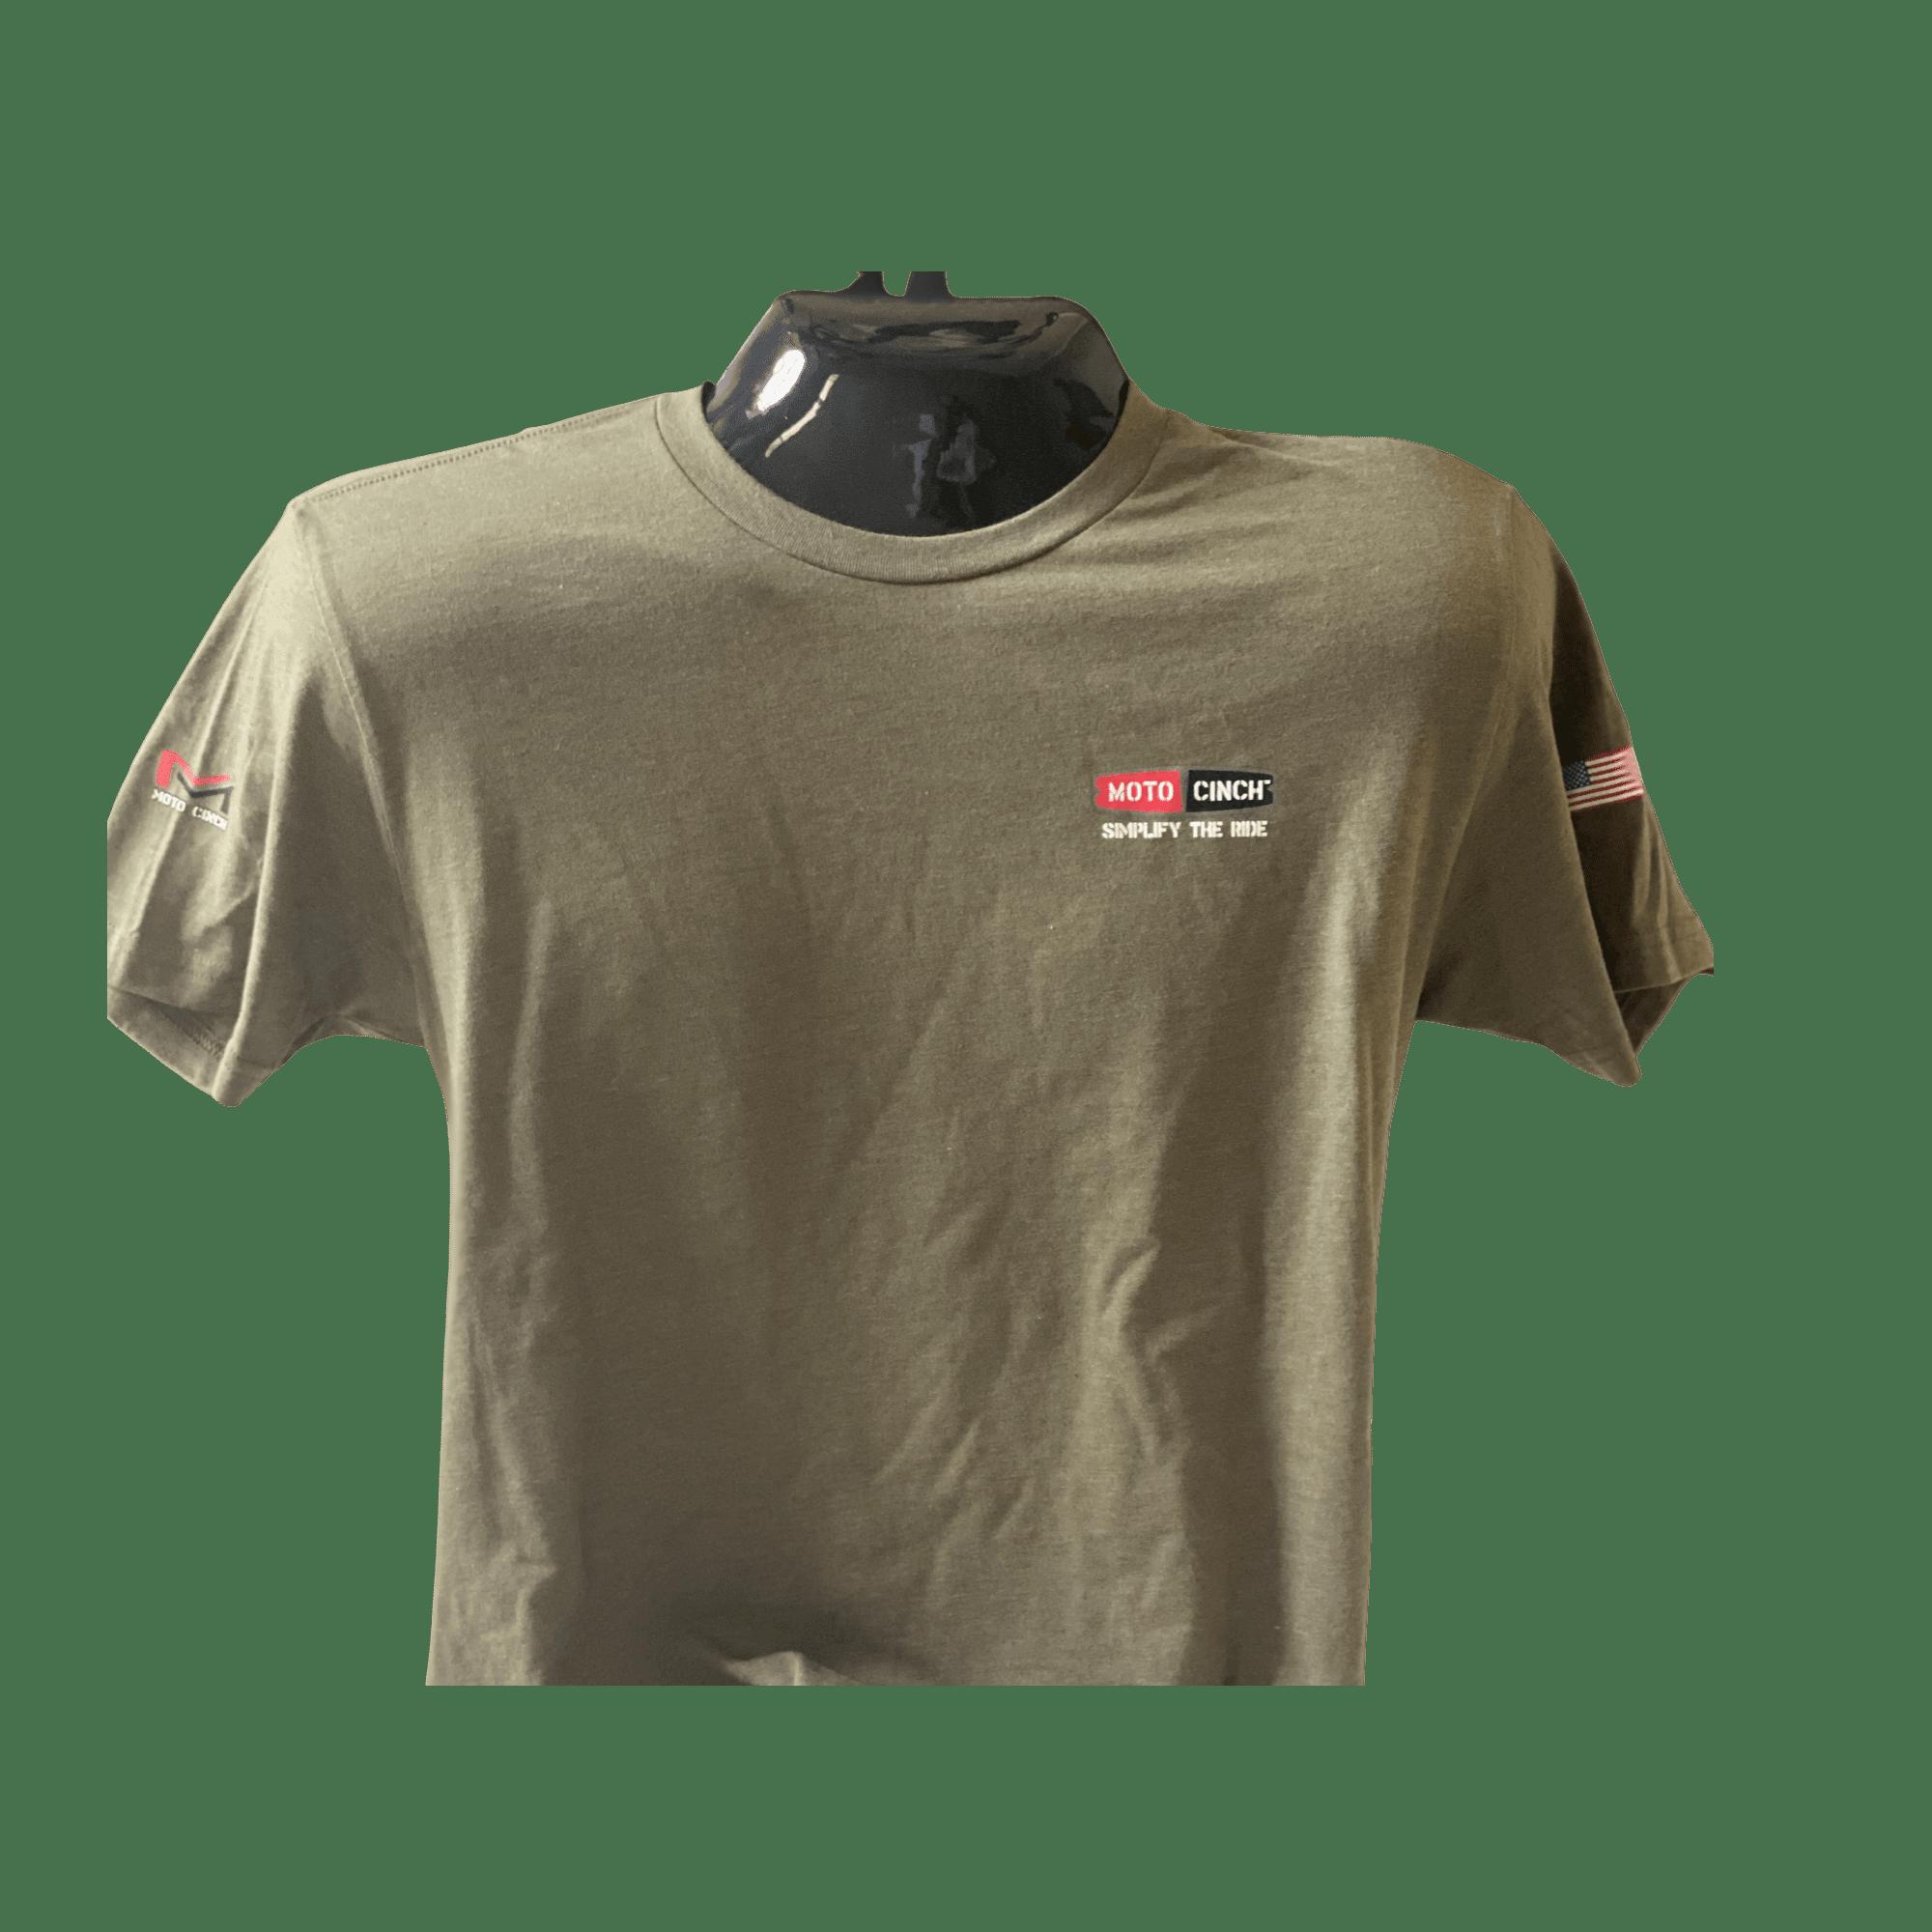 Moto Cinch T shirt